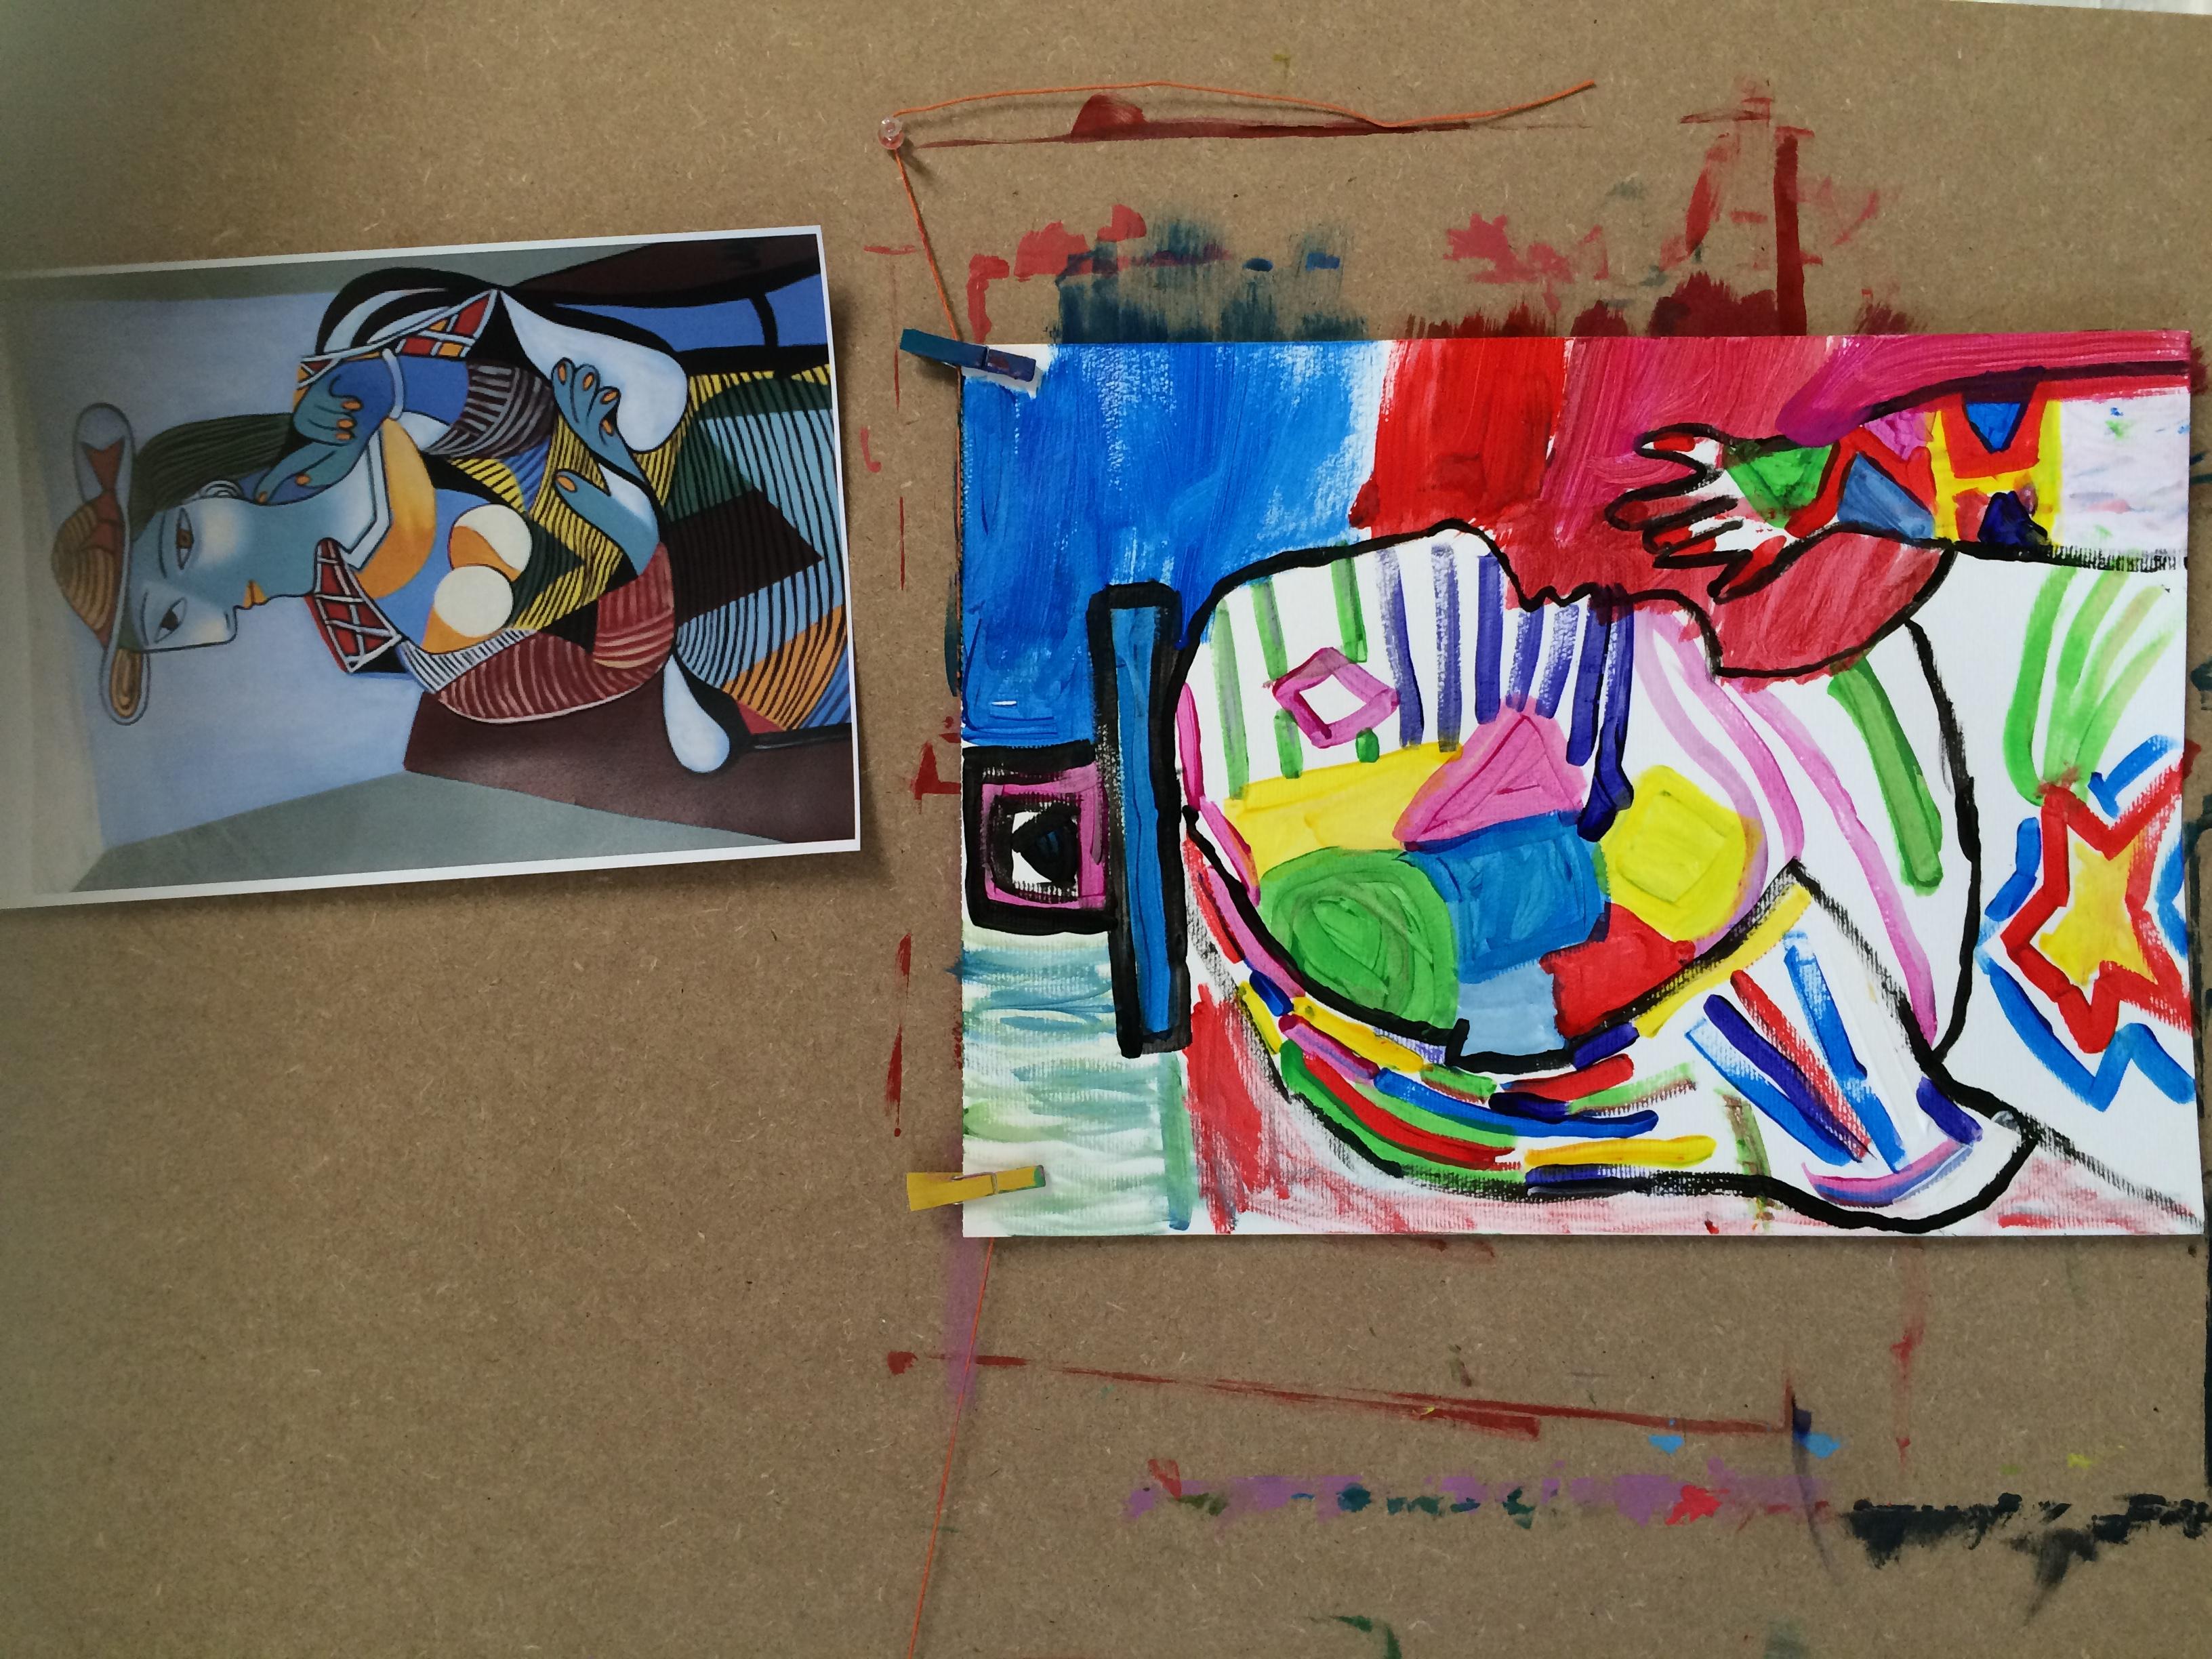 Les portraits comme Picasso